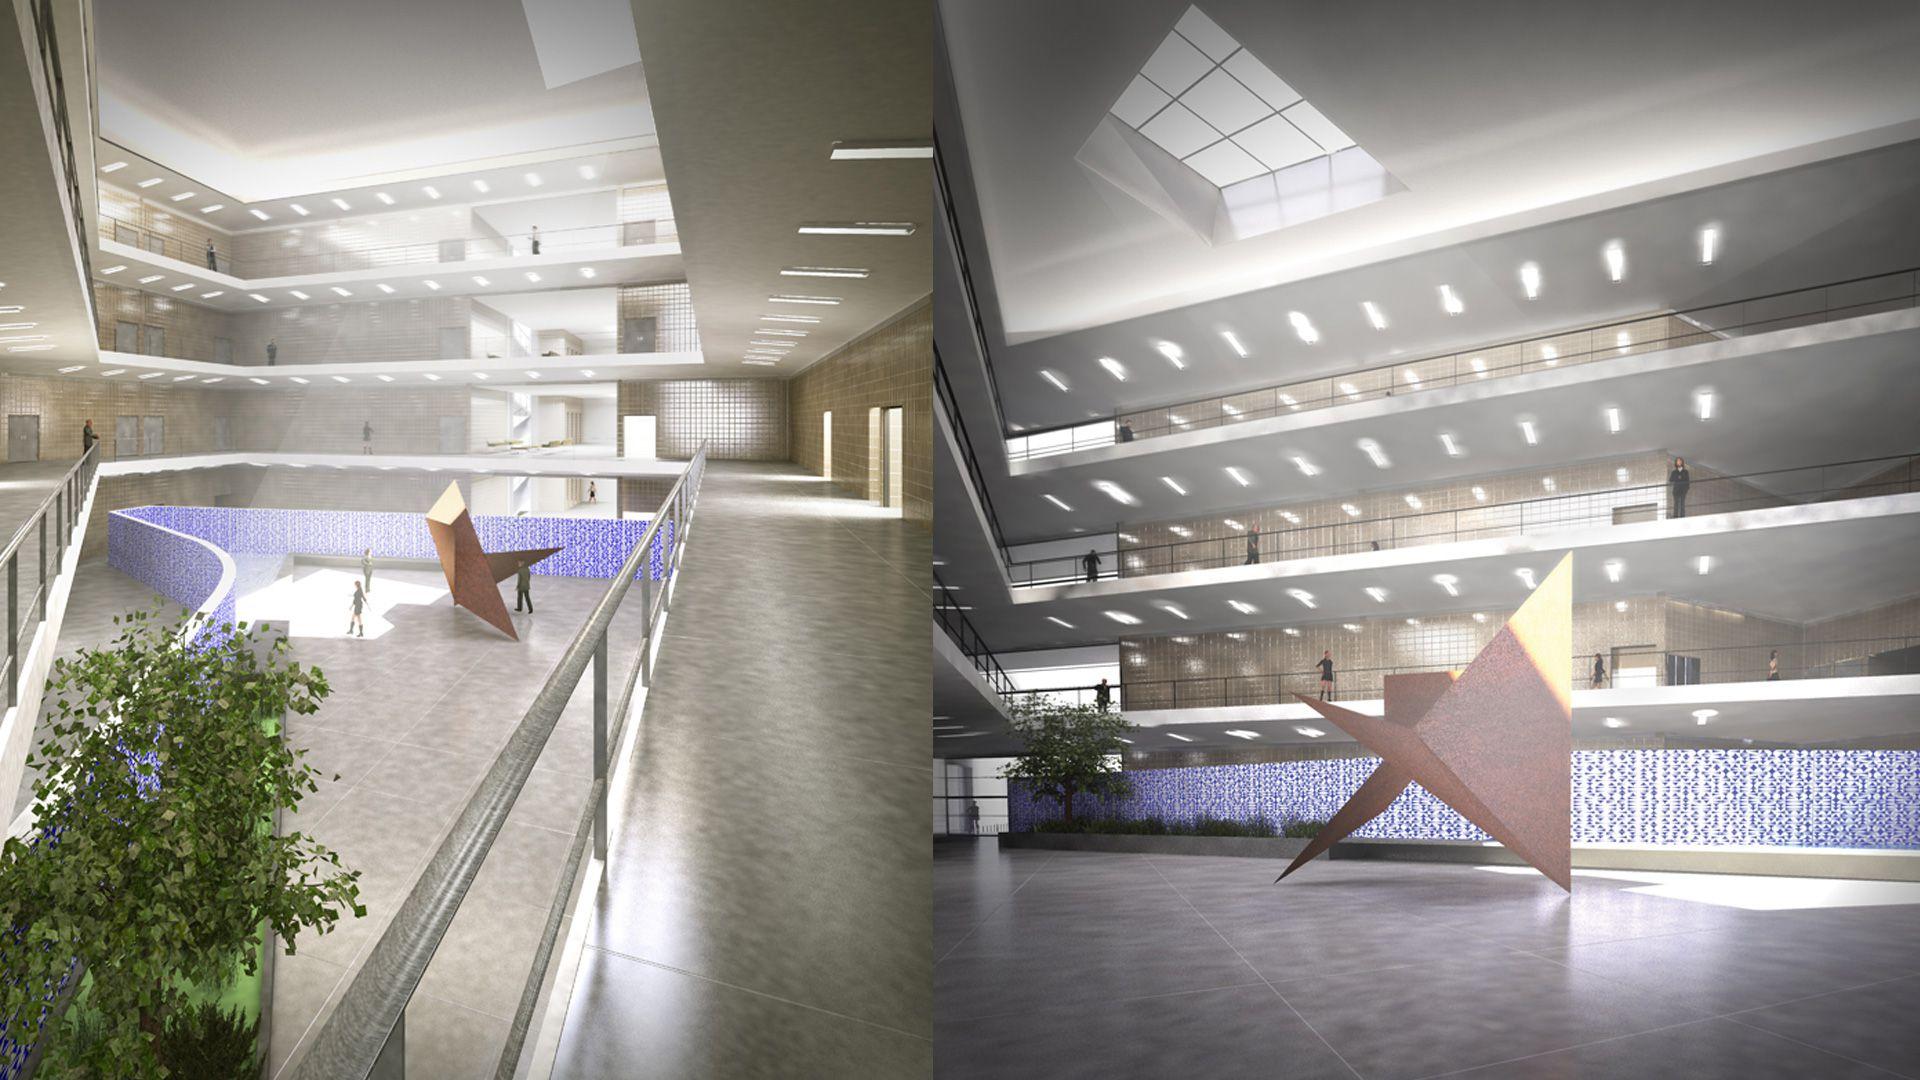 07a-07b-forum-render-vista-praca-interna-e-vista-interna-corredor